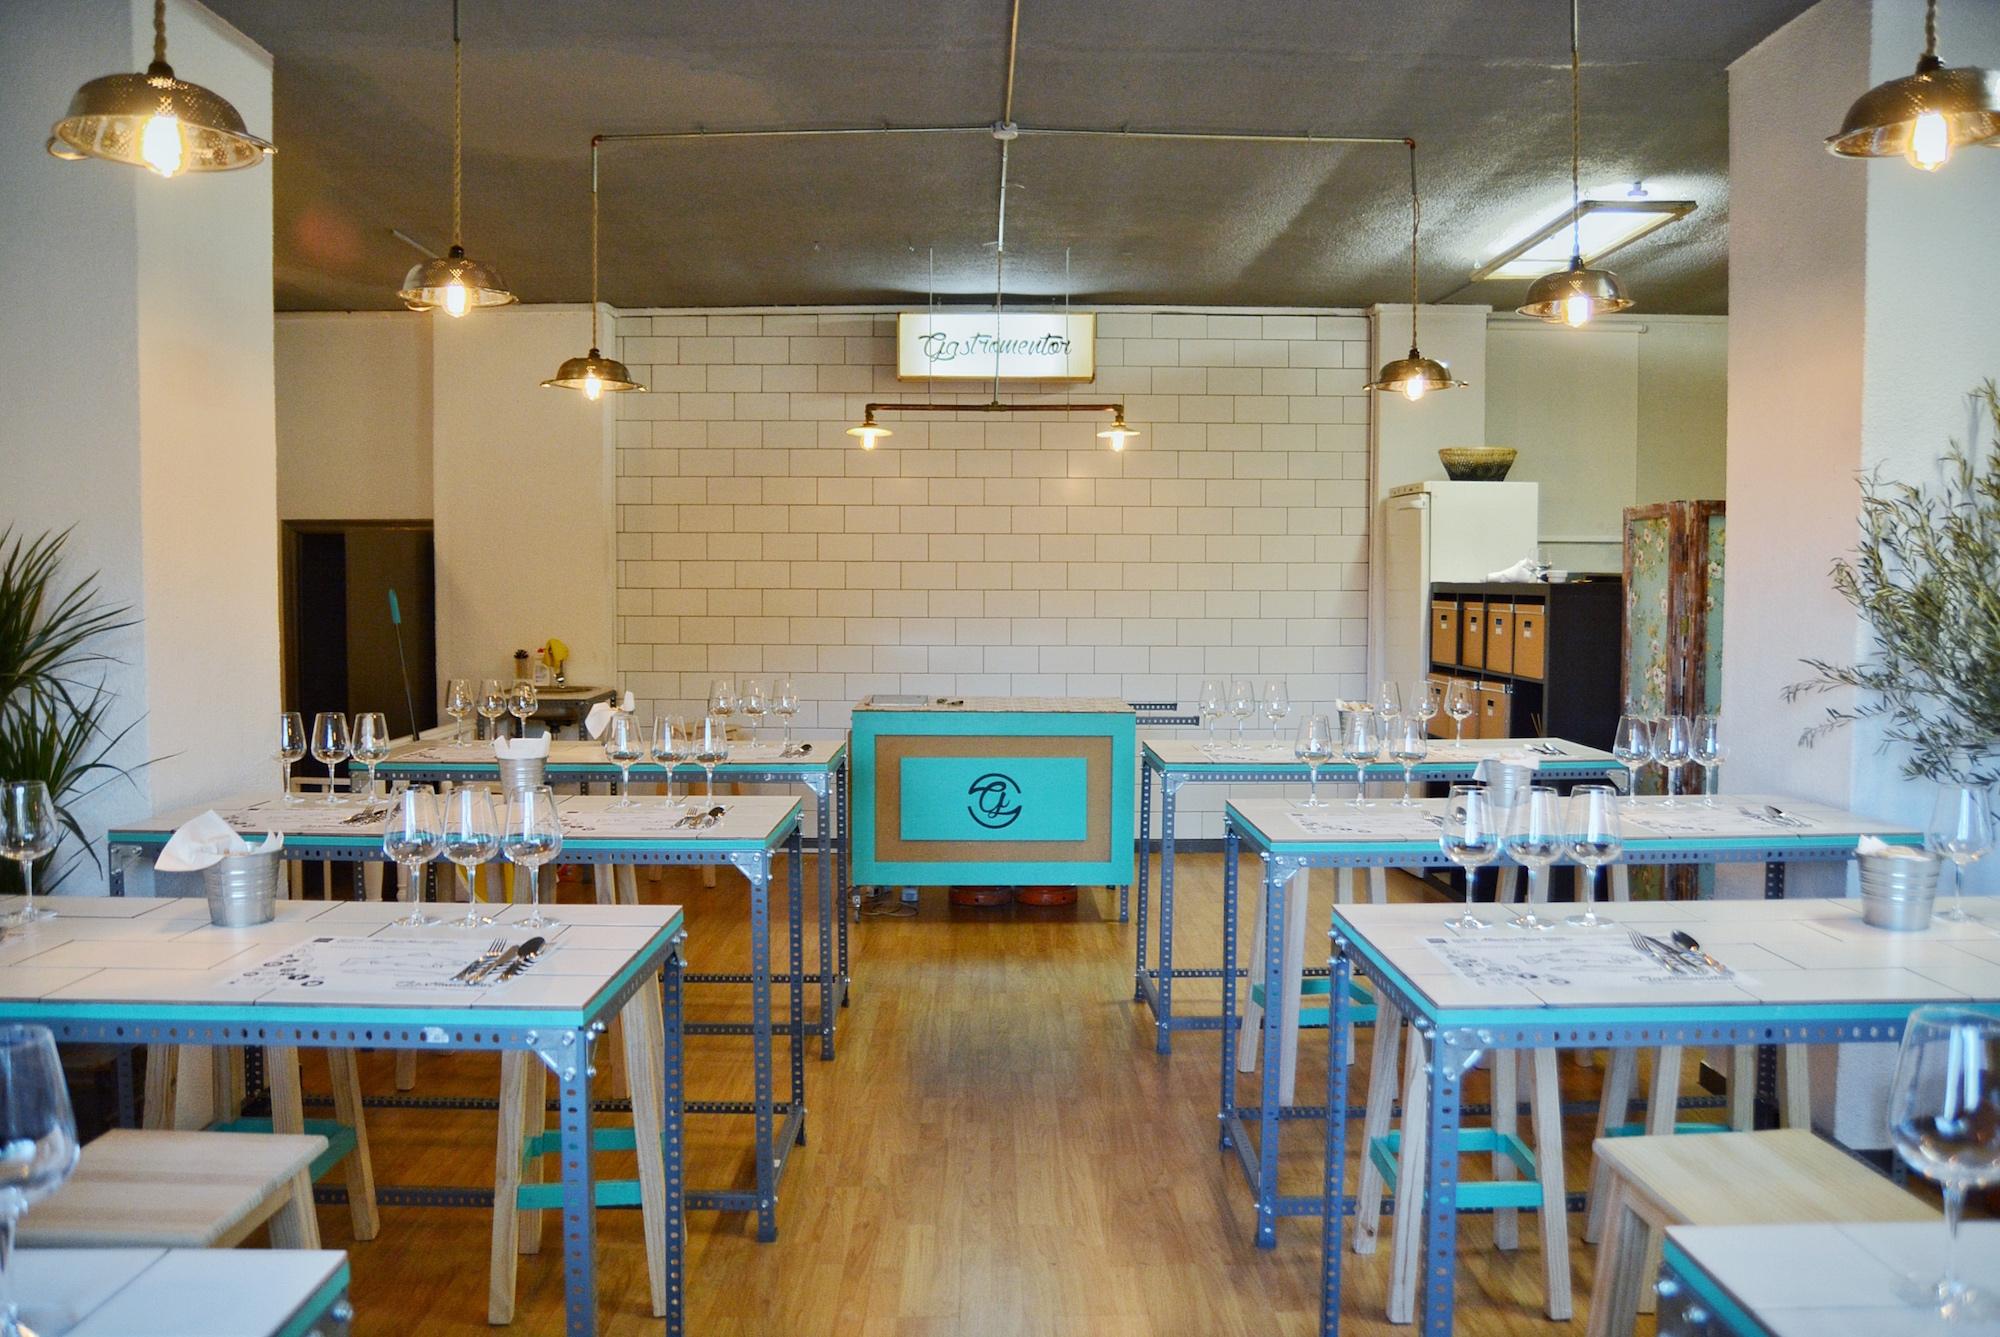 Cursos Cocina Sevilla | Cursos De Cocina Y Soluciones Gastronomicas